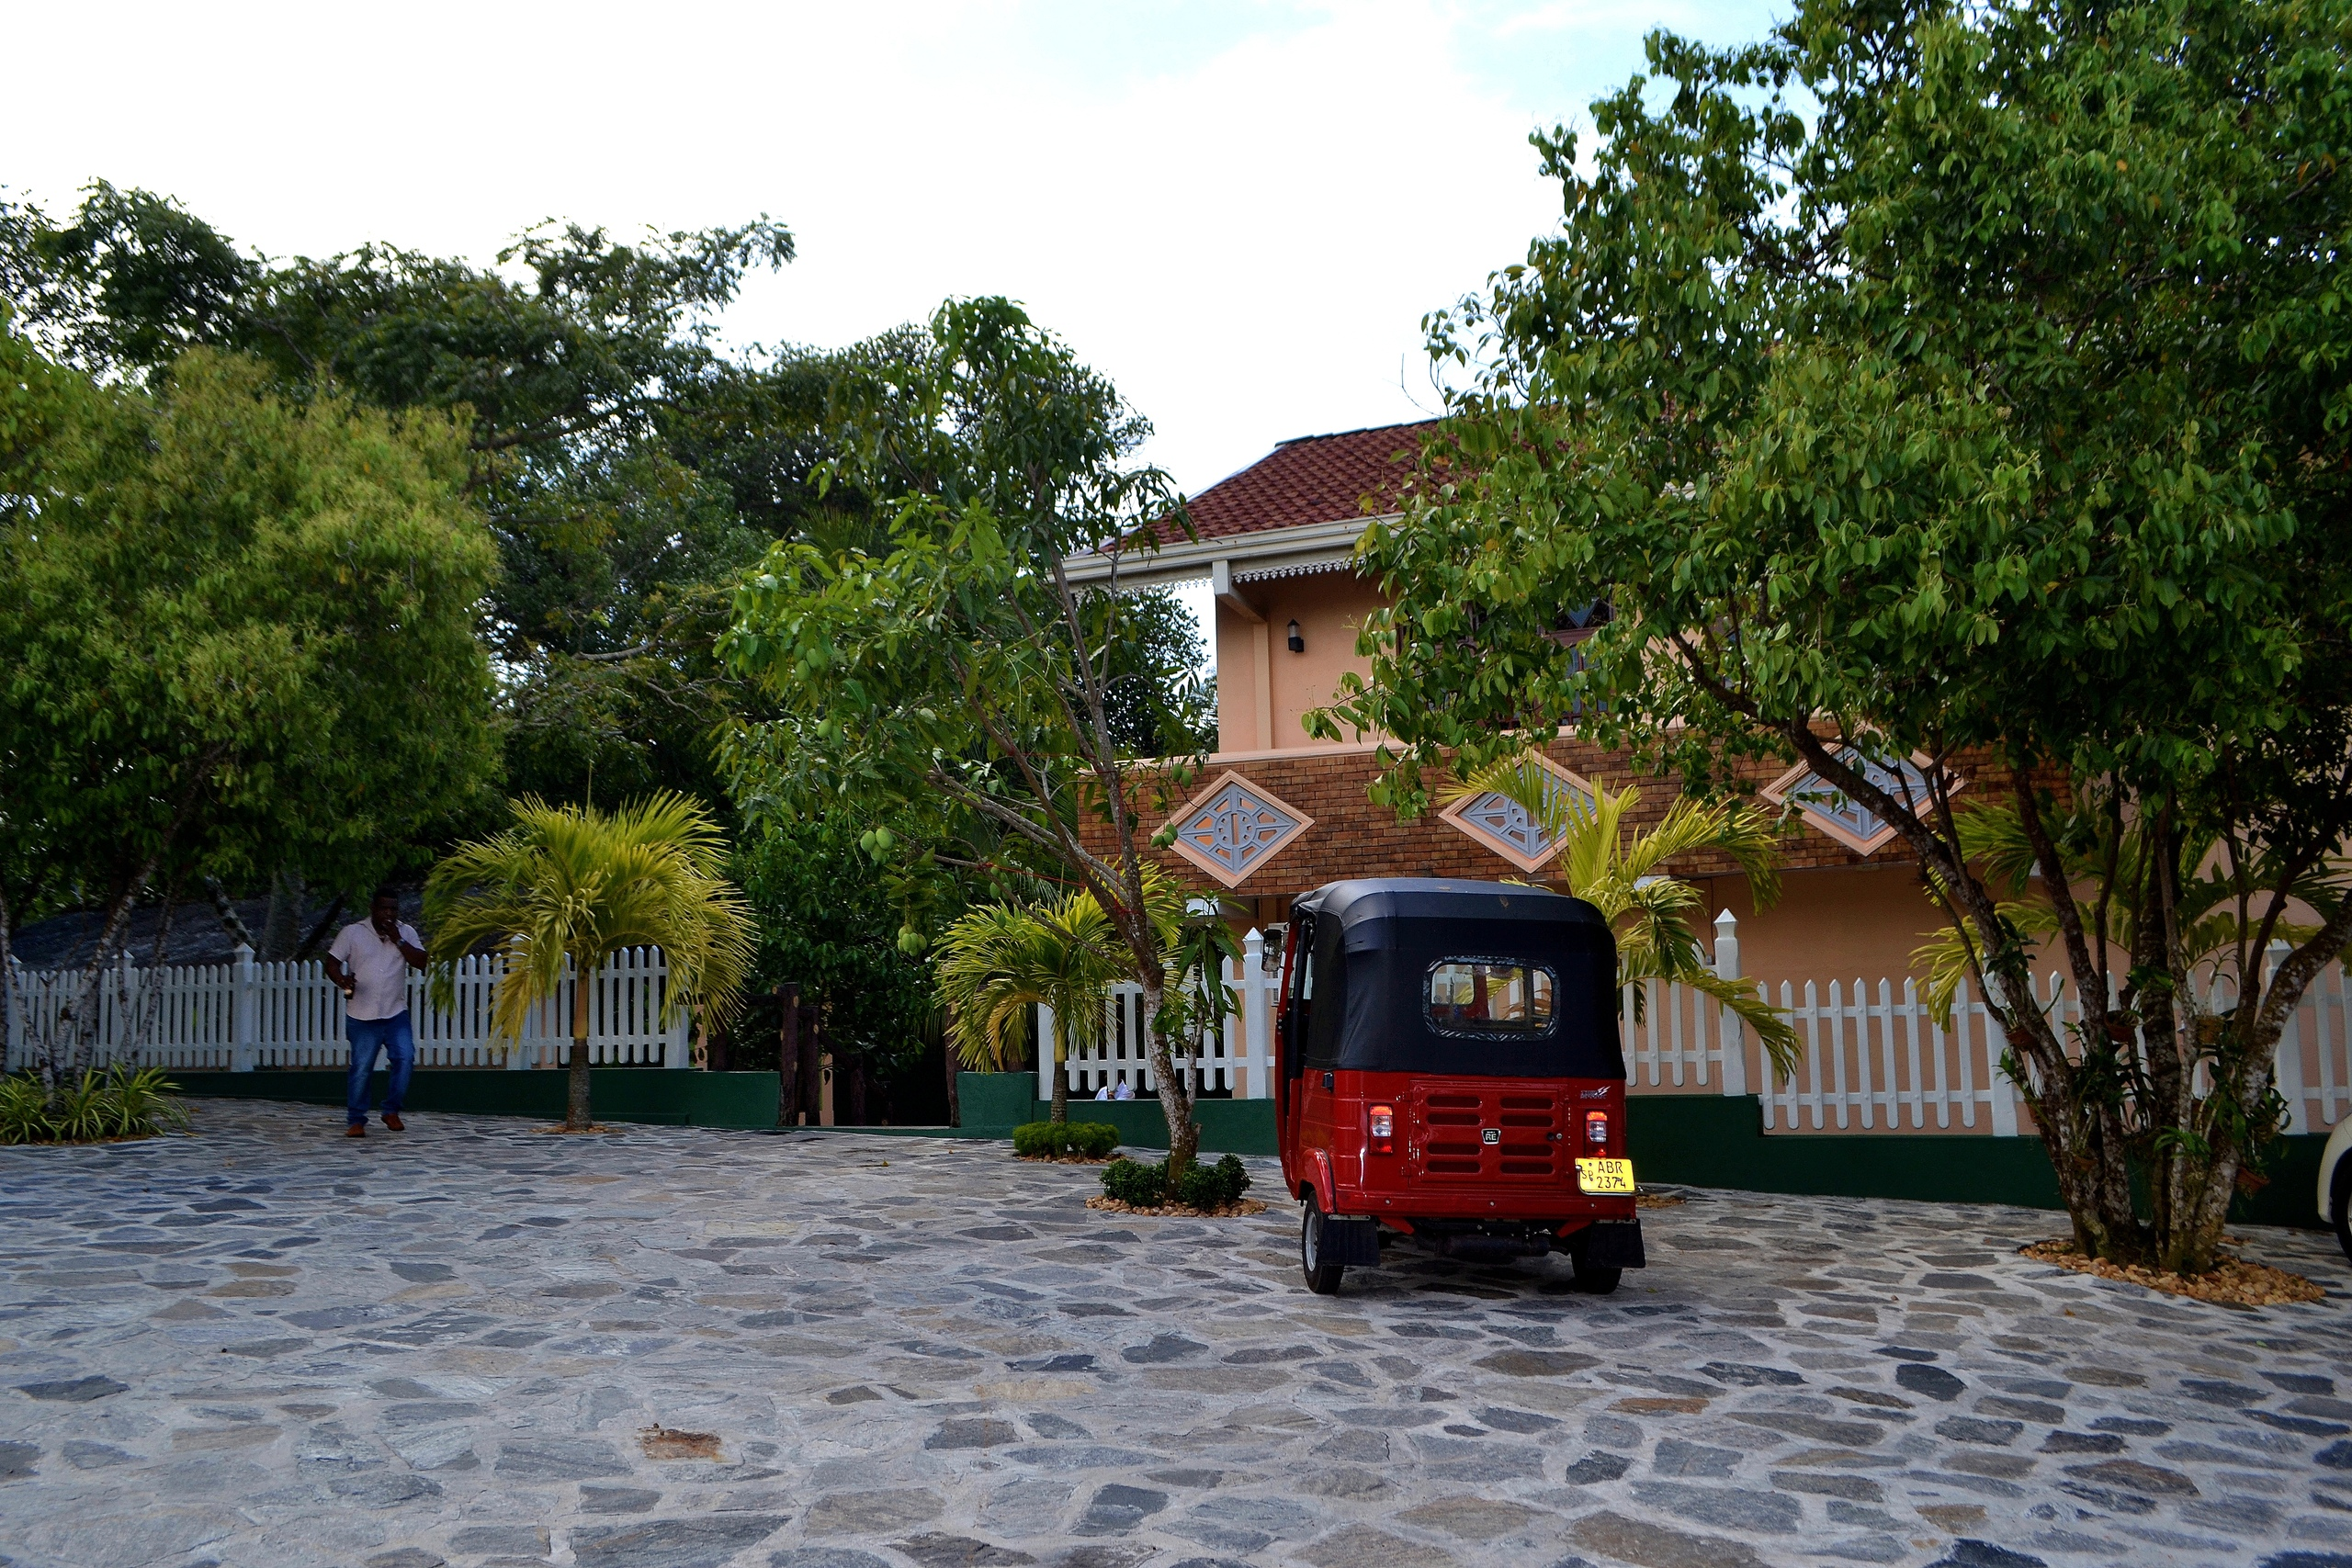 Шри Ланка (фото) - Страница 3 DgcBw9qNOPk